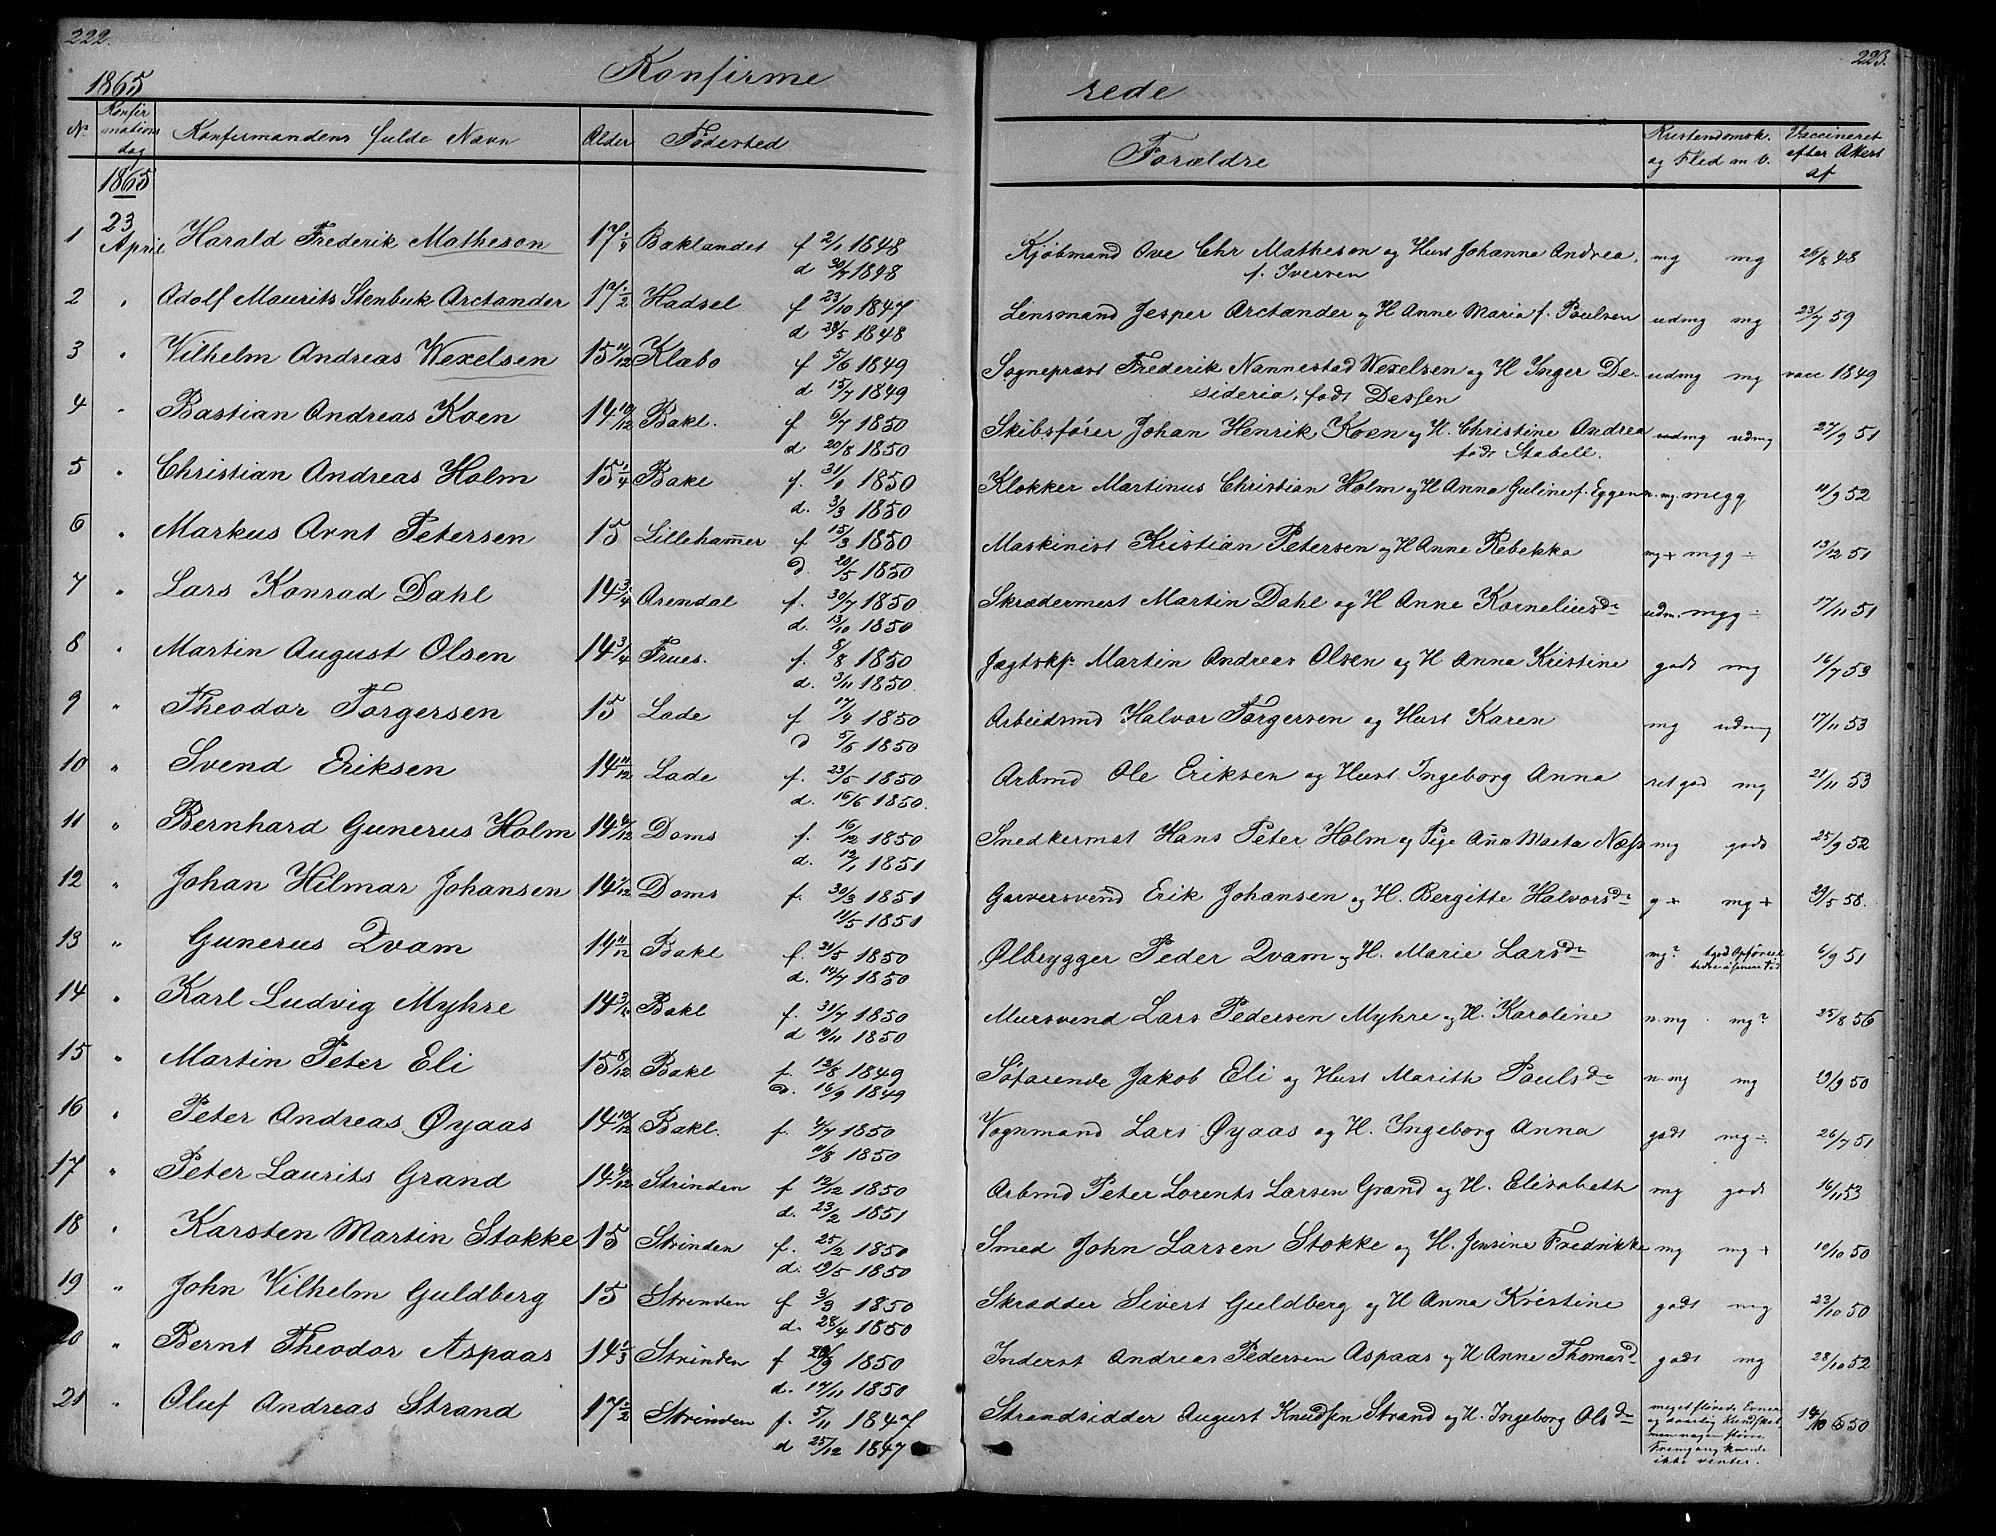 SAT, Ministerialprotokoller, klokkerbøker og fødselsregistre - Sør-Trøndelag, 604/L0219: Klokkerbok nr. 604C02, 1851-1869, s. 222-223